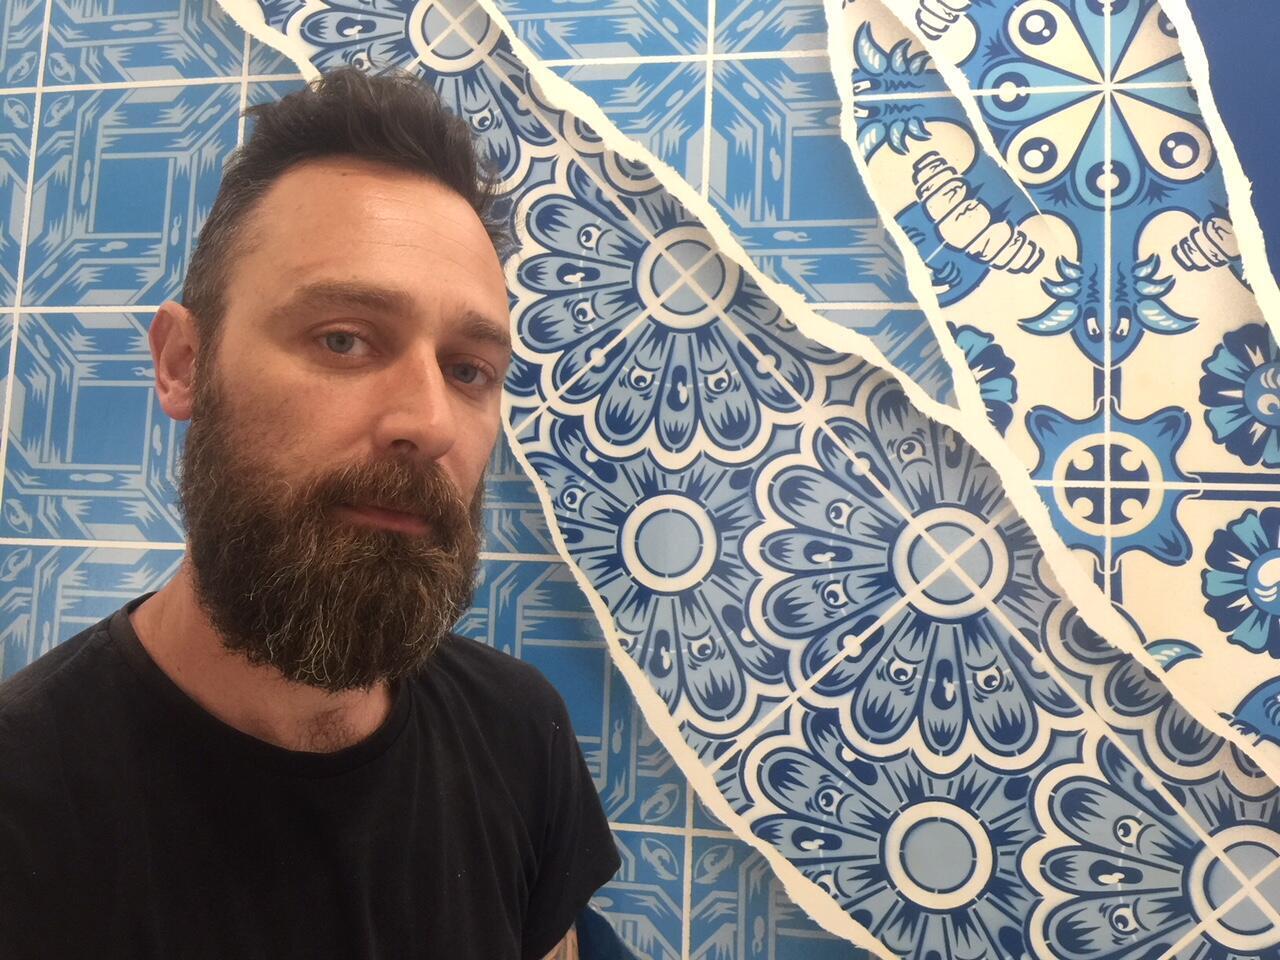 """Diogo Machado, conhecido como """"Add Fuel"""". Galerie Itinerrance, Paris. 08 de Abril de 2019."""